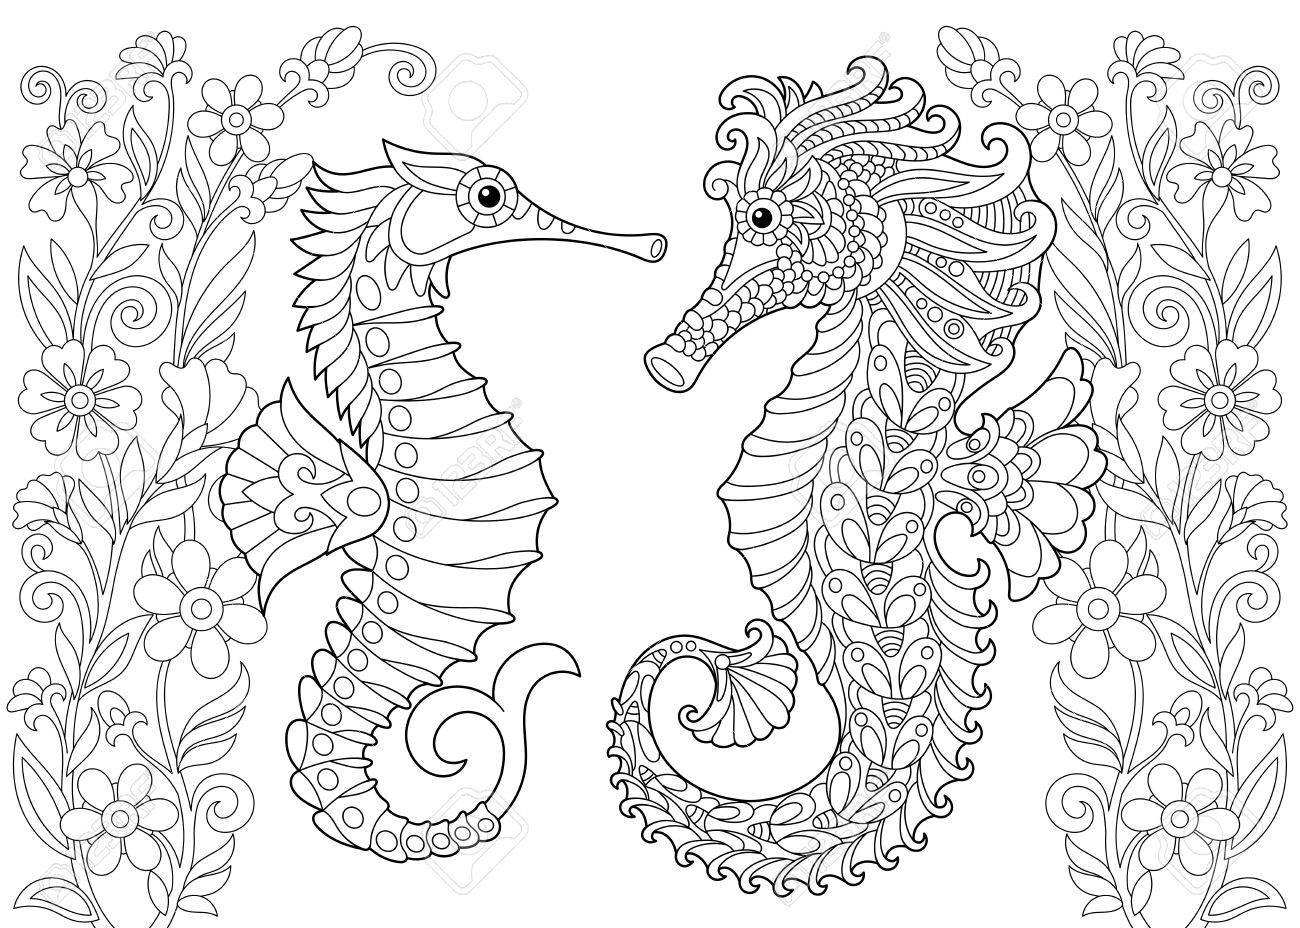 Malvorlage Von Seepferdchen Freehand Skizze Zeichnung Für Erwachsene ...